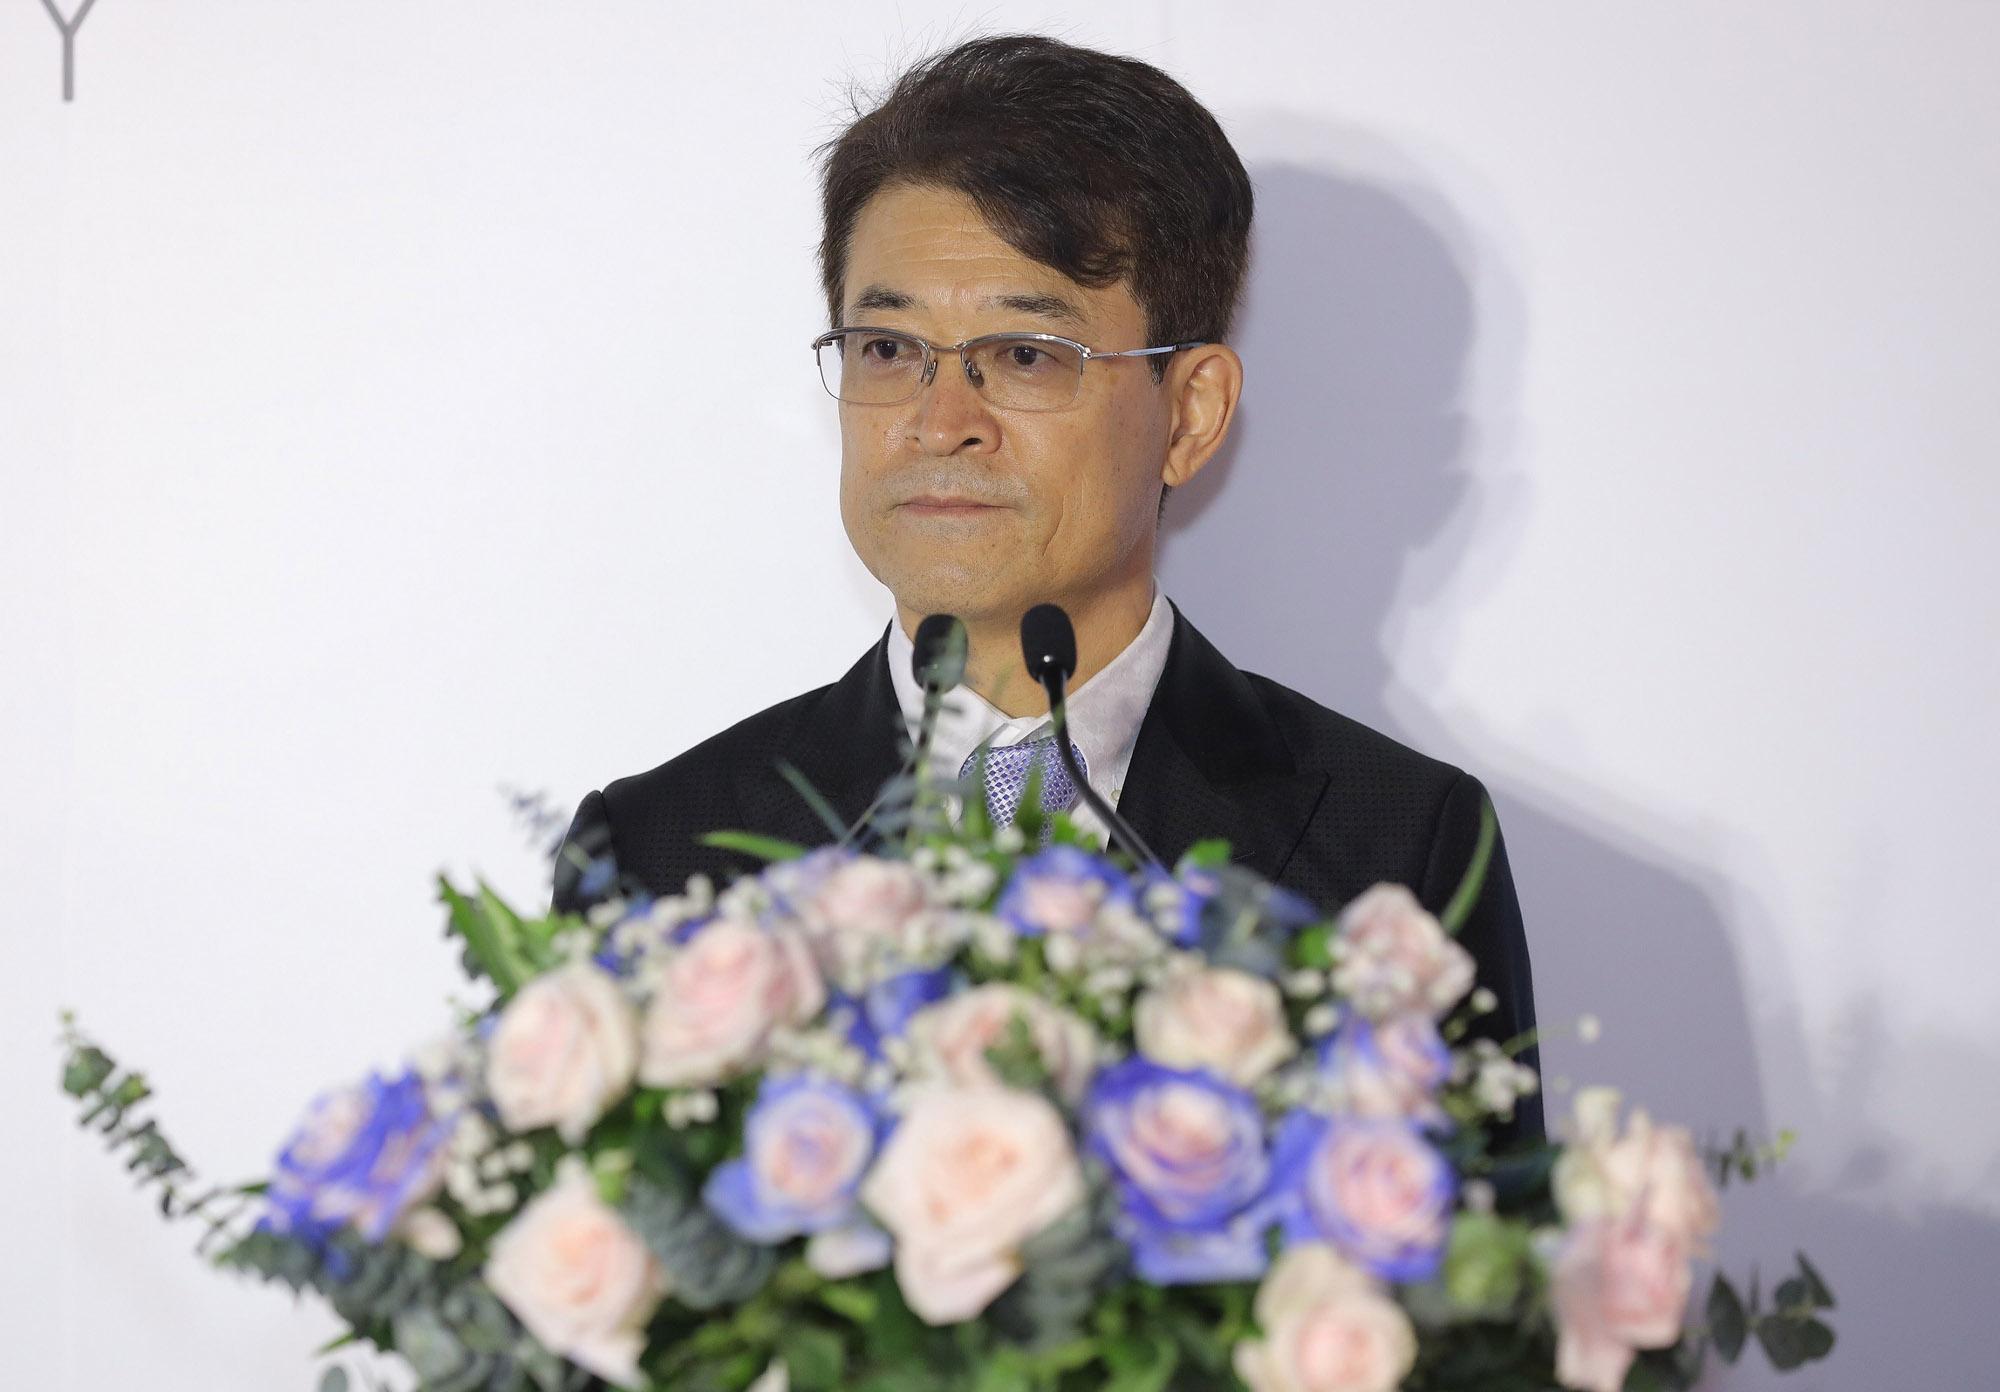 Ảnh 1: Ông Suzuki Hiroyuki, Tổng giám đốc TOTO Việt Nam phát biểu